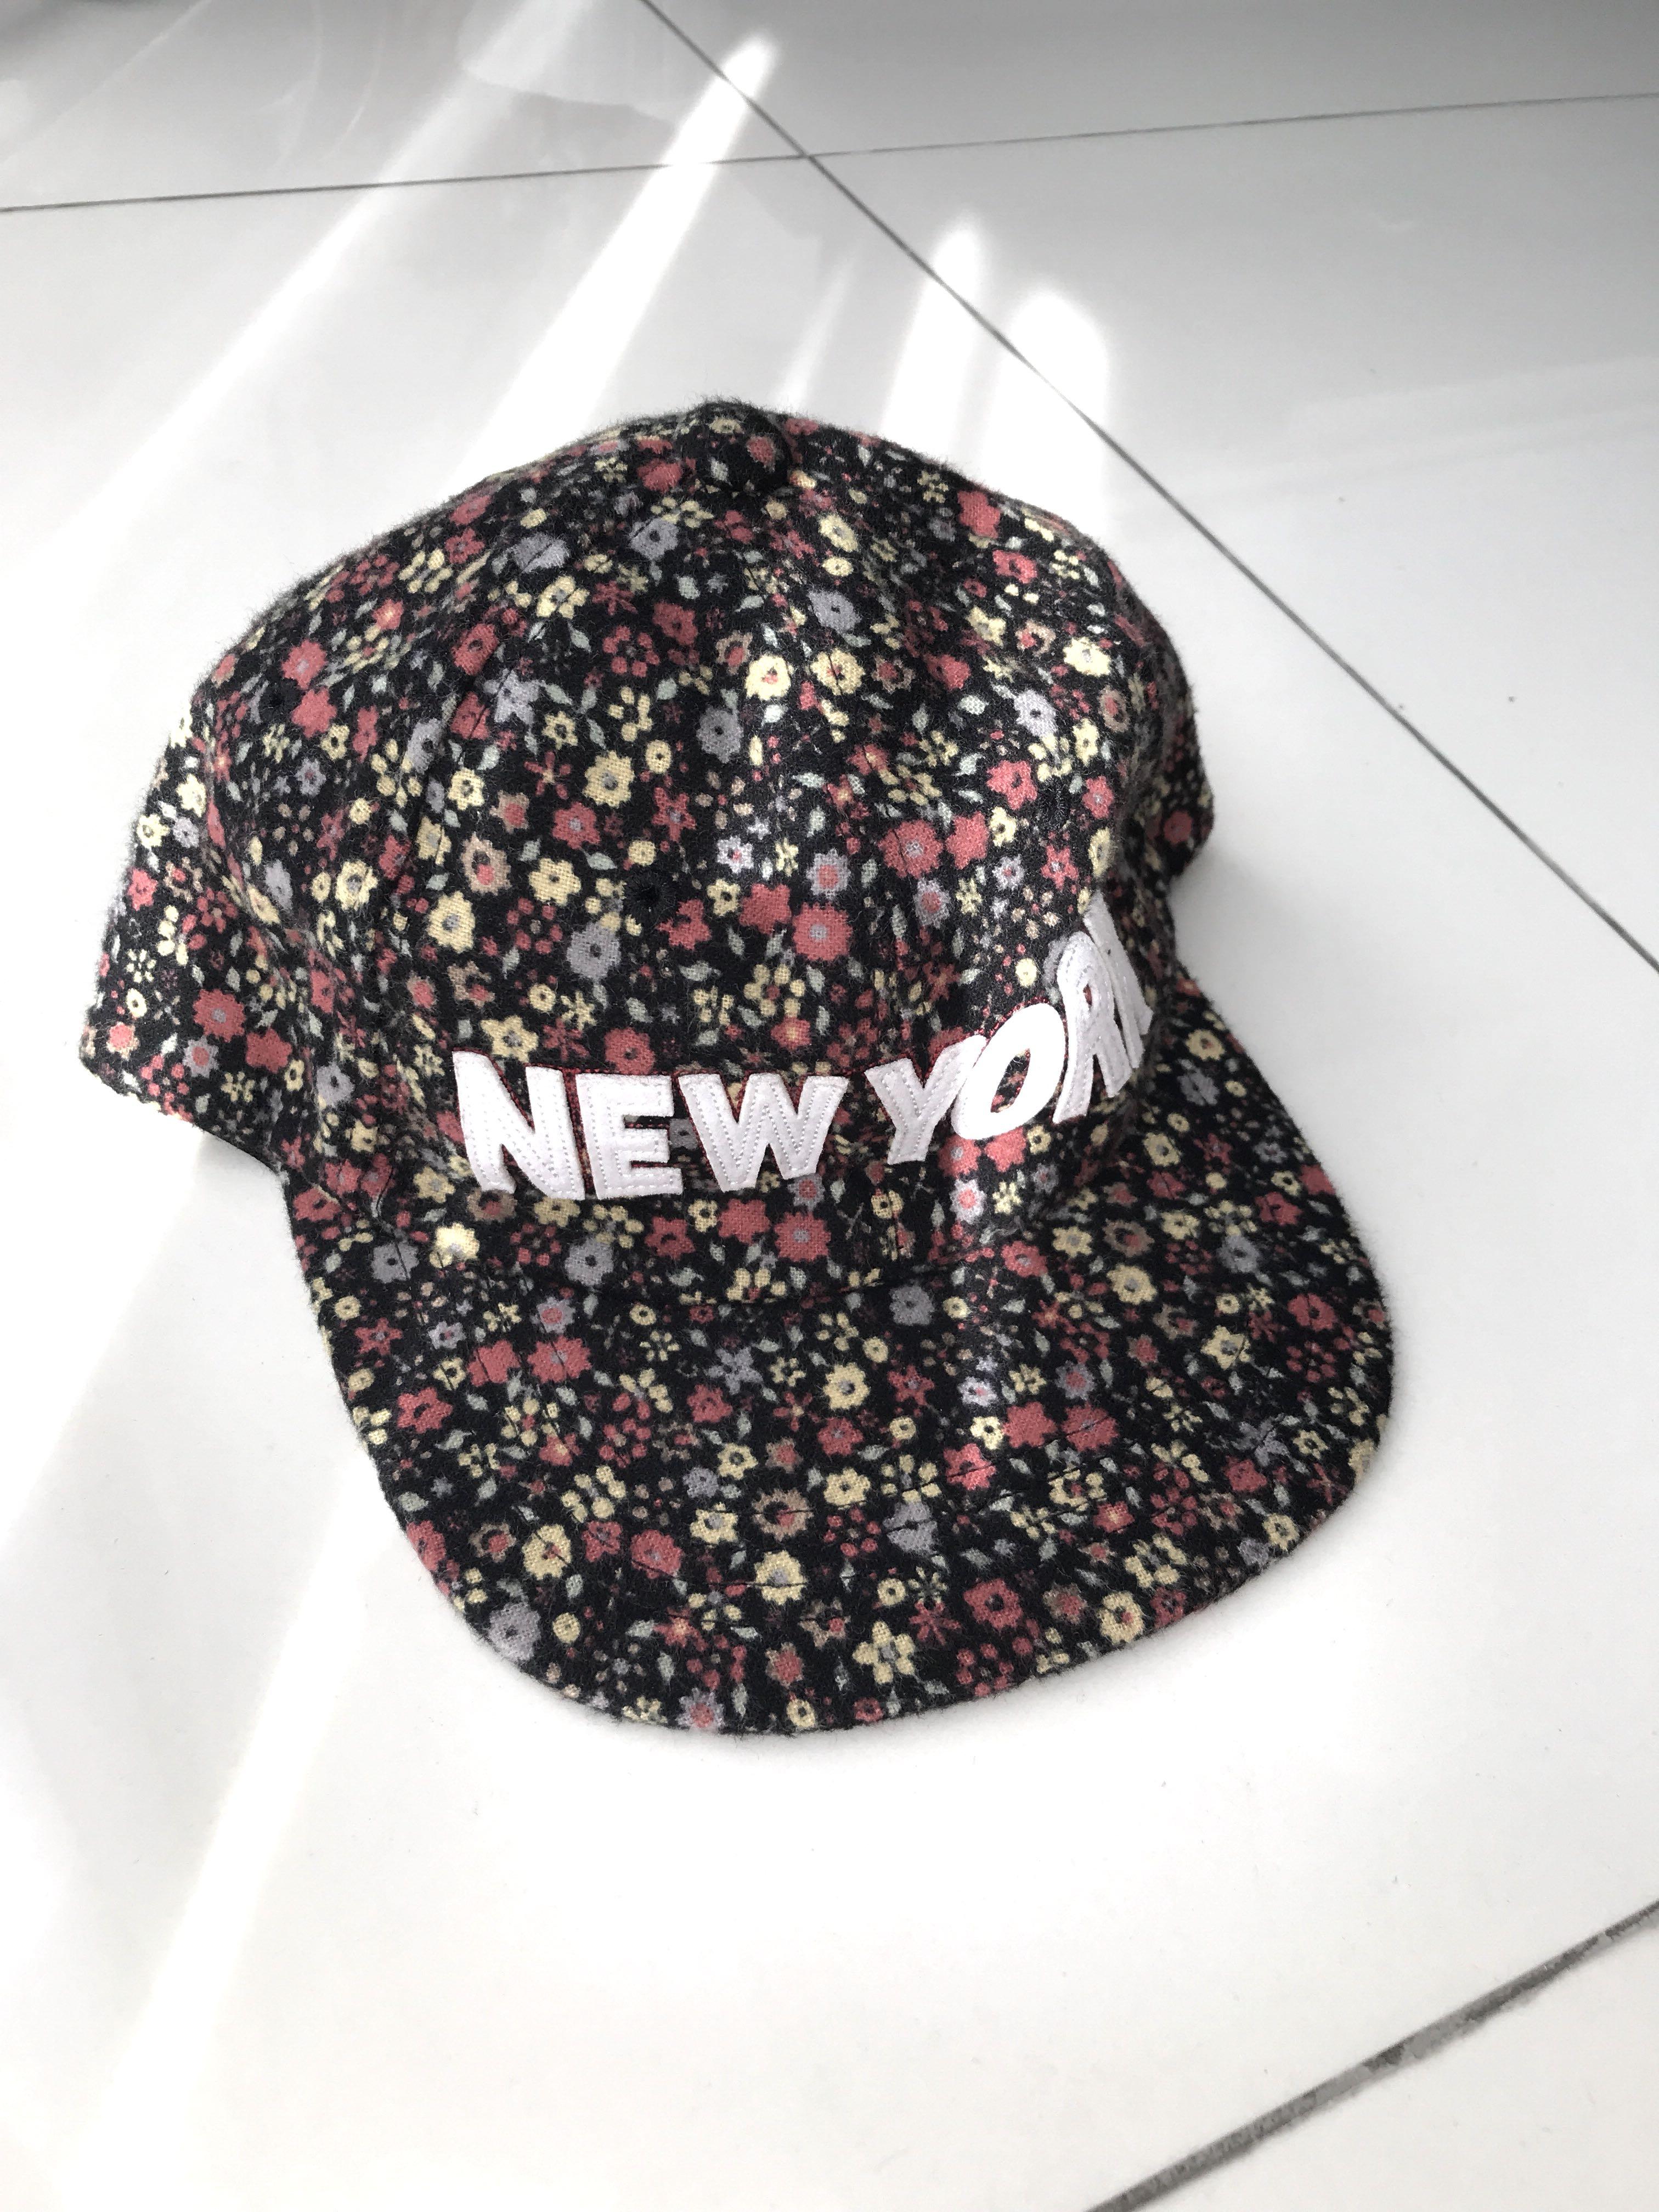 e952c1947b7 Home · Women s Fashion · Accessories · Caps   Hats. photo photo photo photo  photo